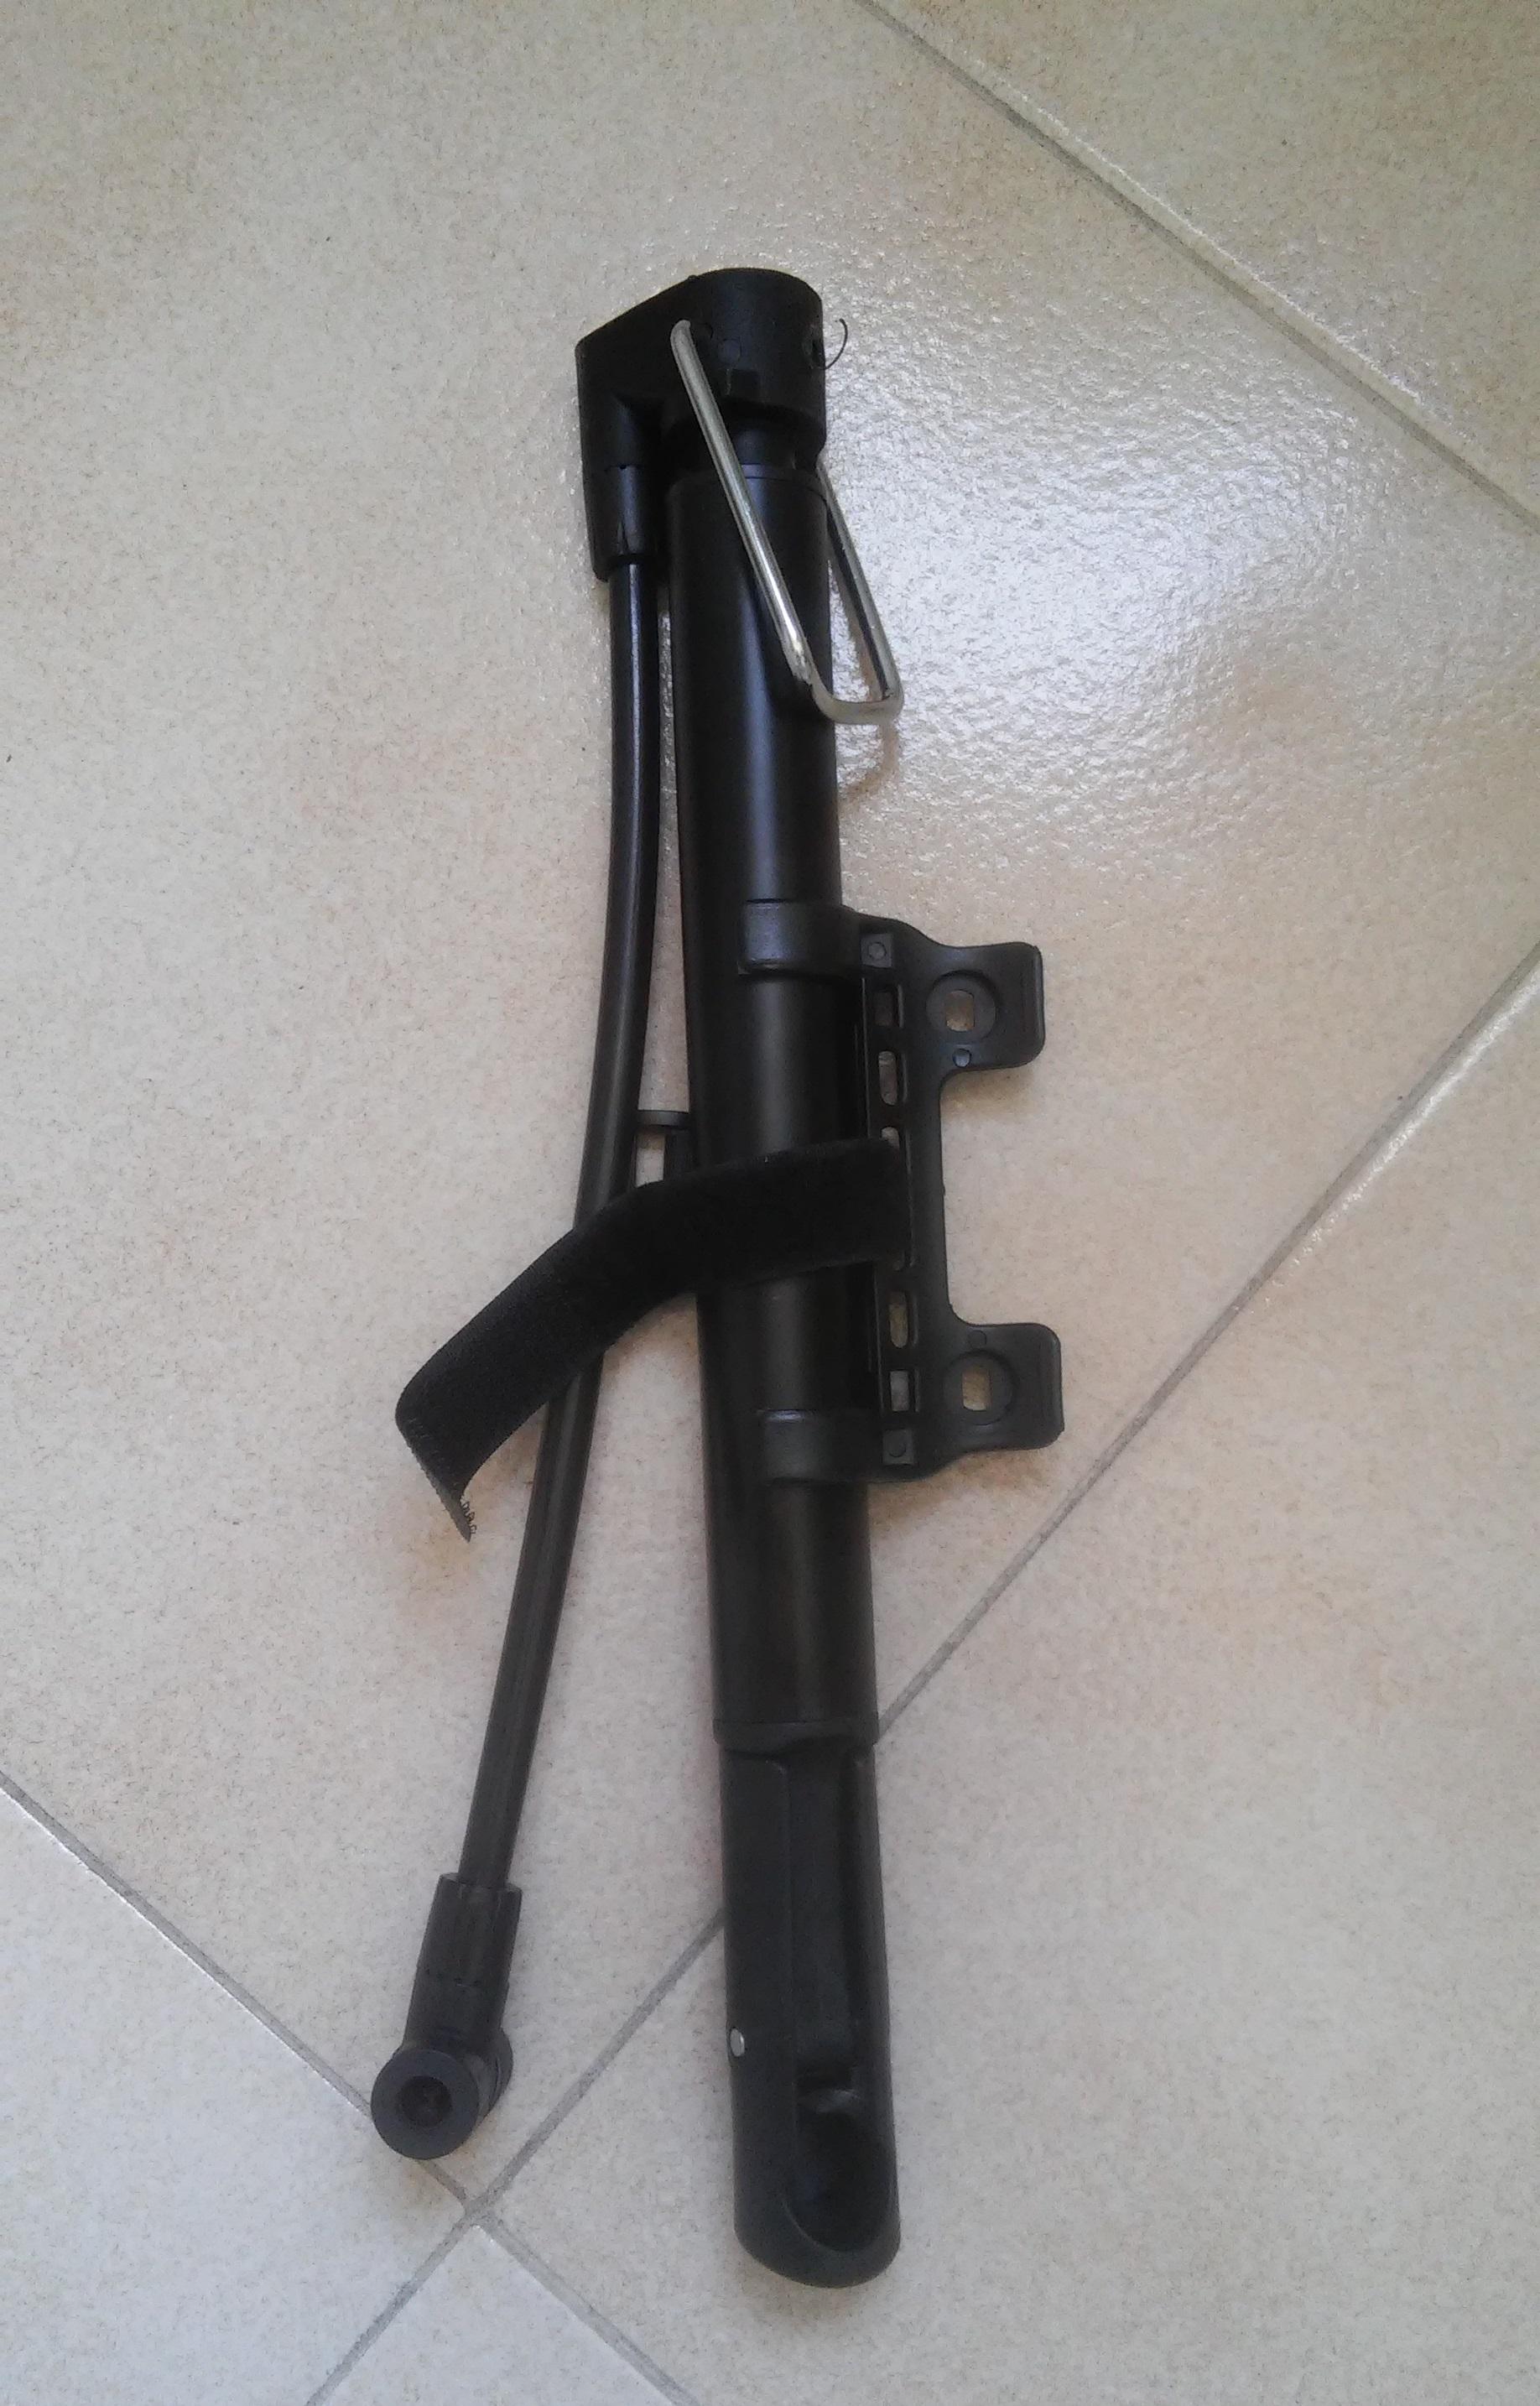 Audew Pompa Bicicletta - Recensione pompa per bici Audew: opinione sulla pompetta per bicicletta Audew